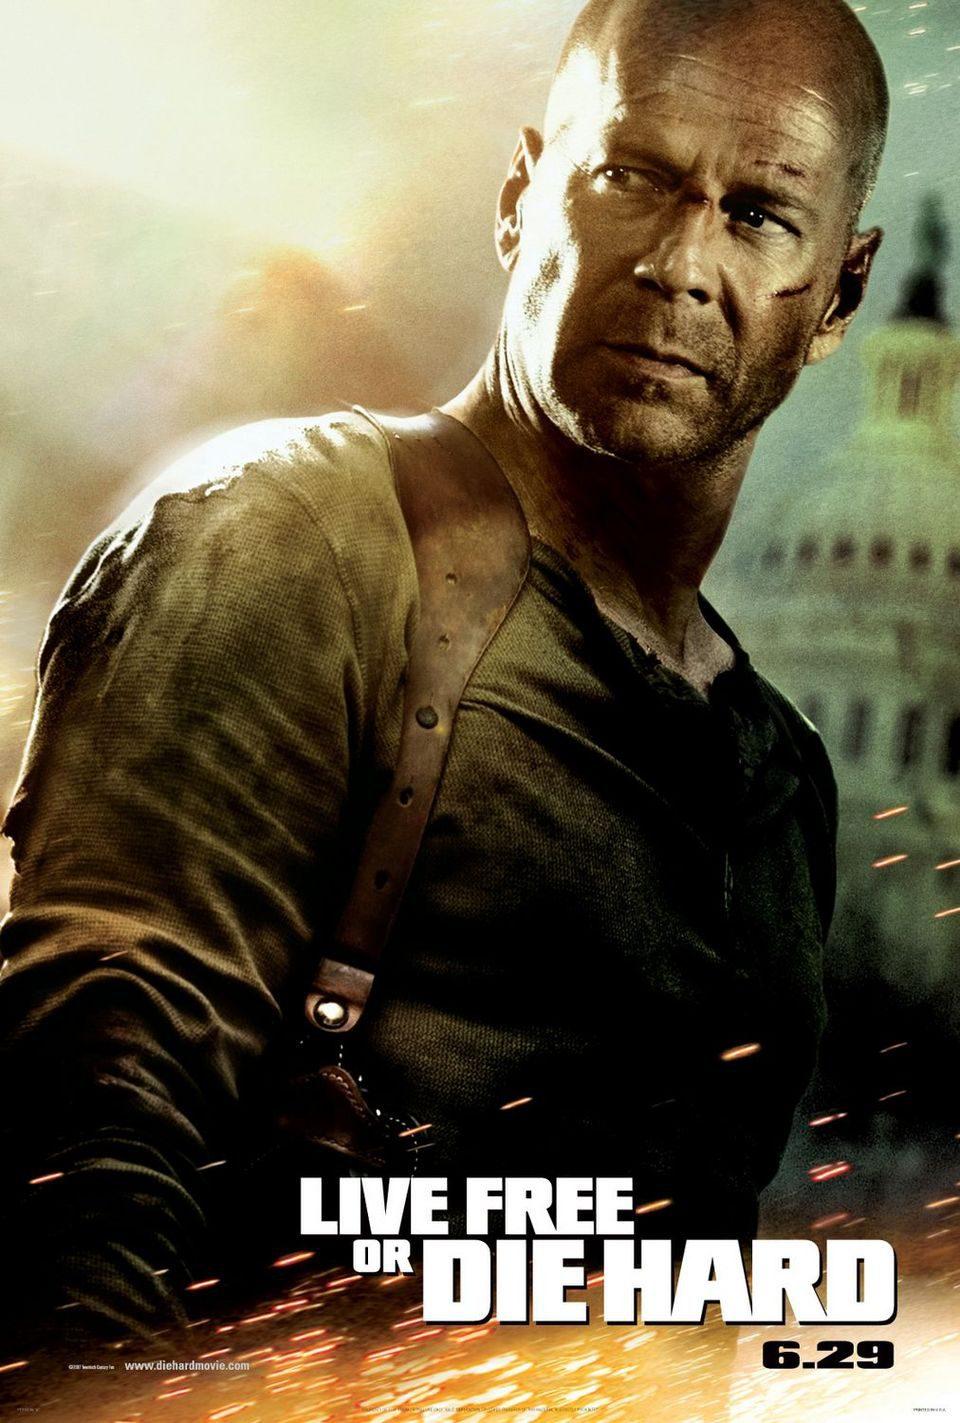 Estados Unidos poster for Live Free or Die Hard